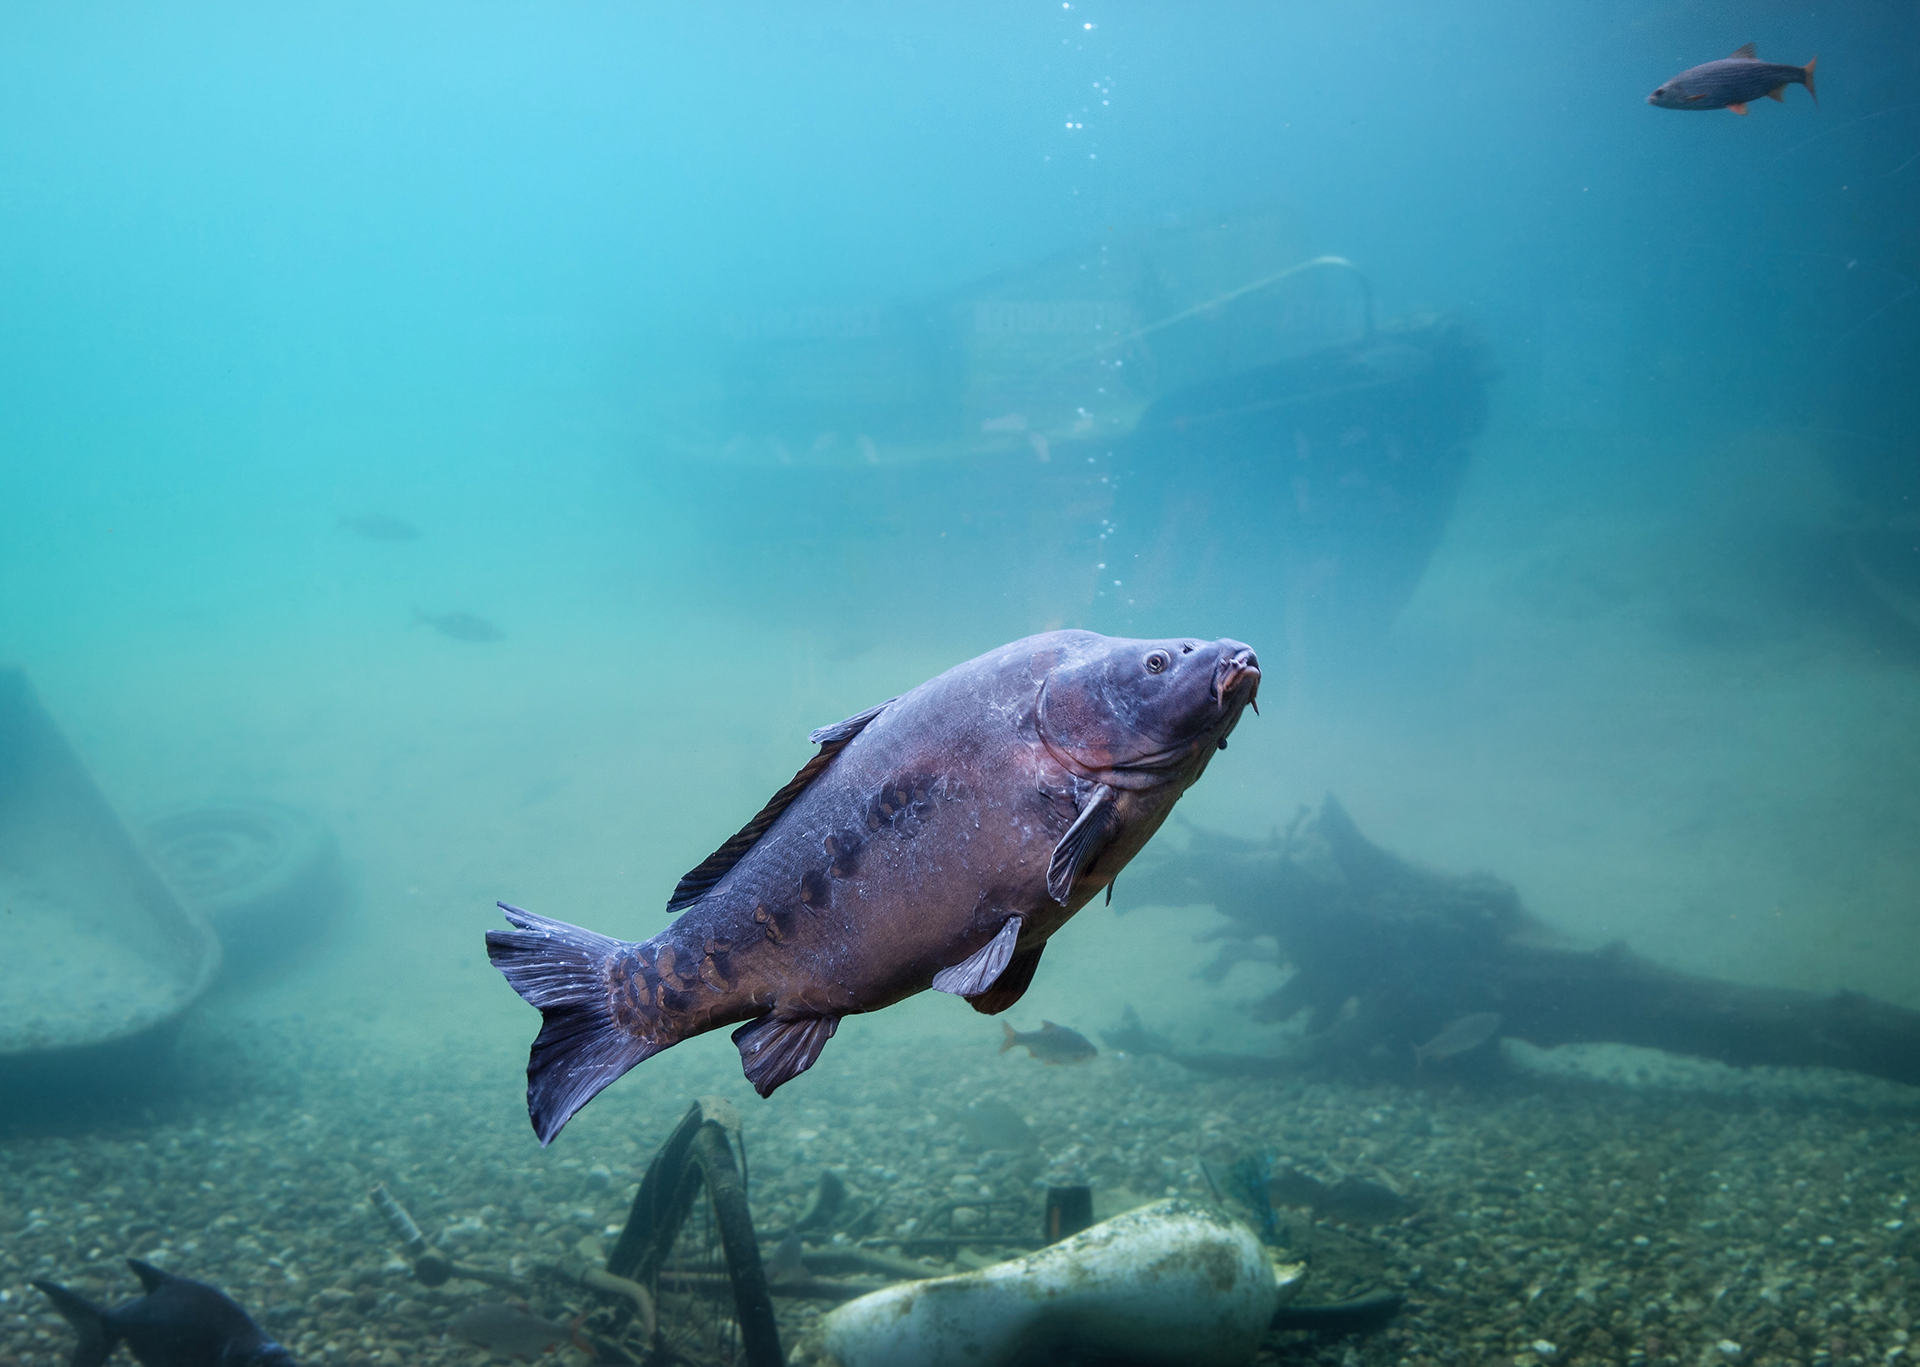 Fisch im Erlebnis-Aquarium Rövershagen